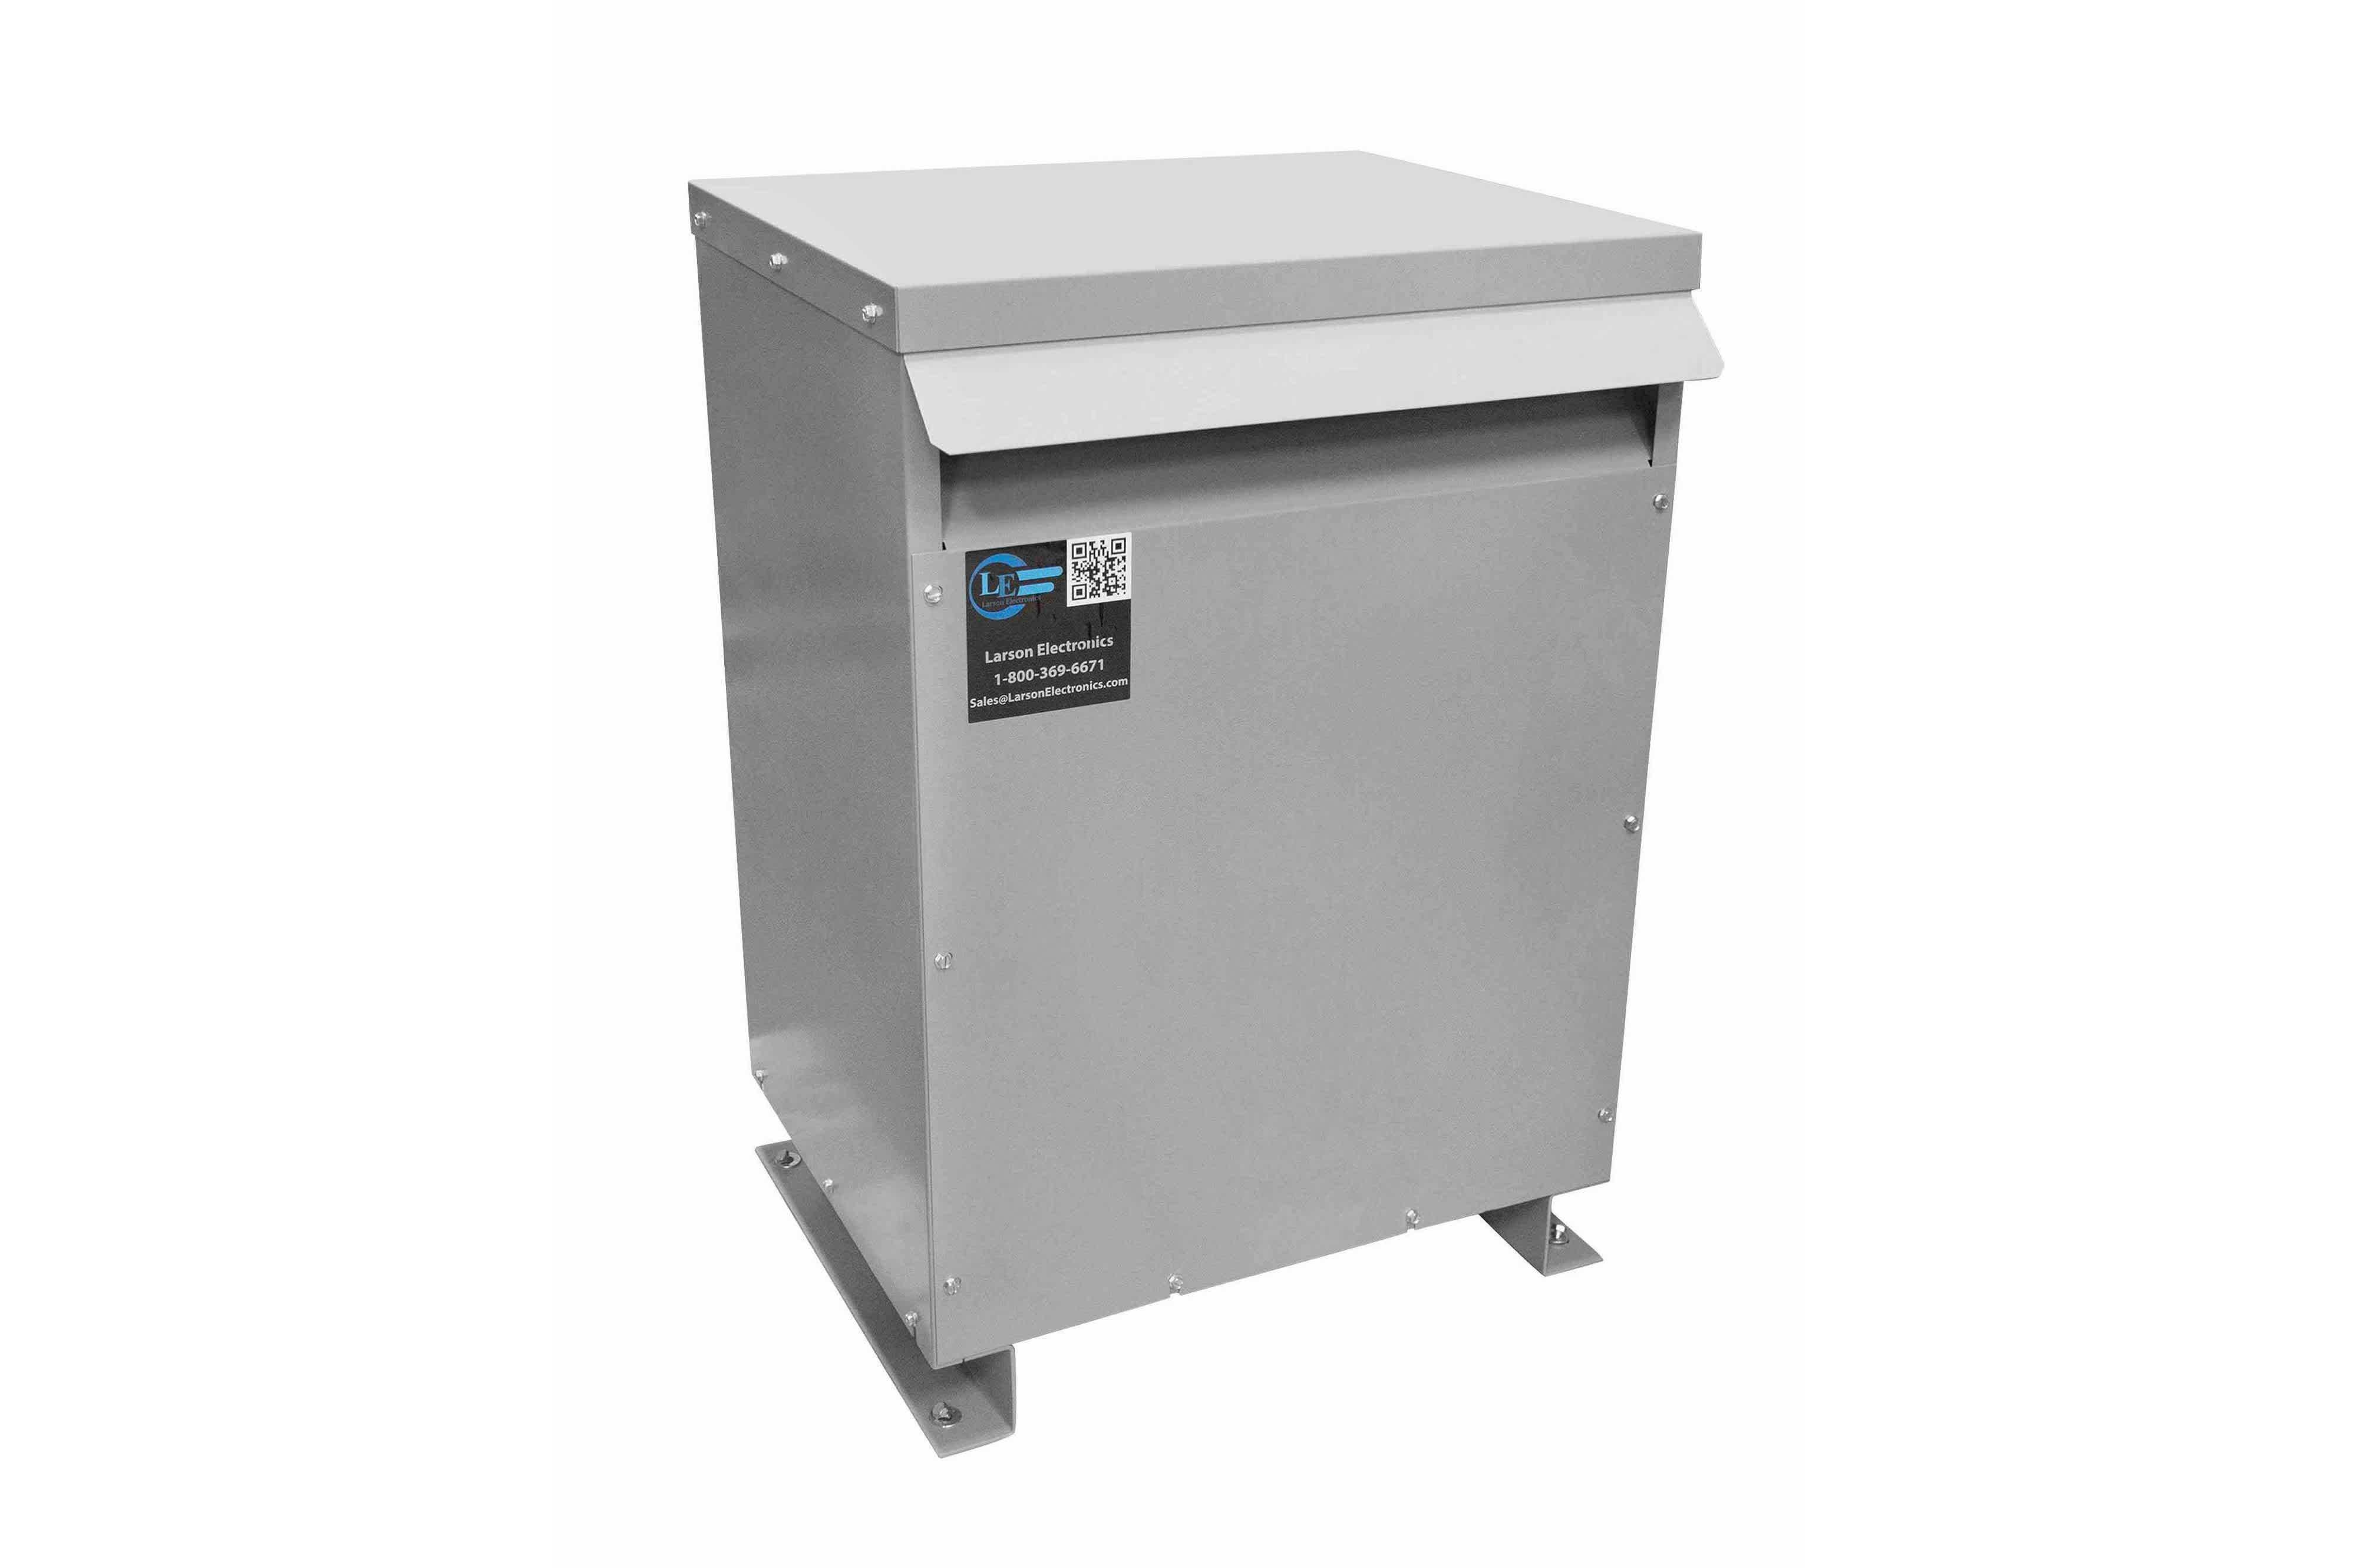 9 kVA 3PH Isolation Transformer, 380V Delta Primary, 480V Delta Secondary, N3R, Ventilated, 60 Hz